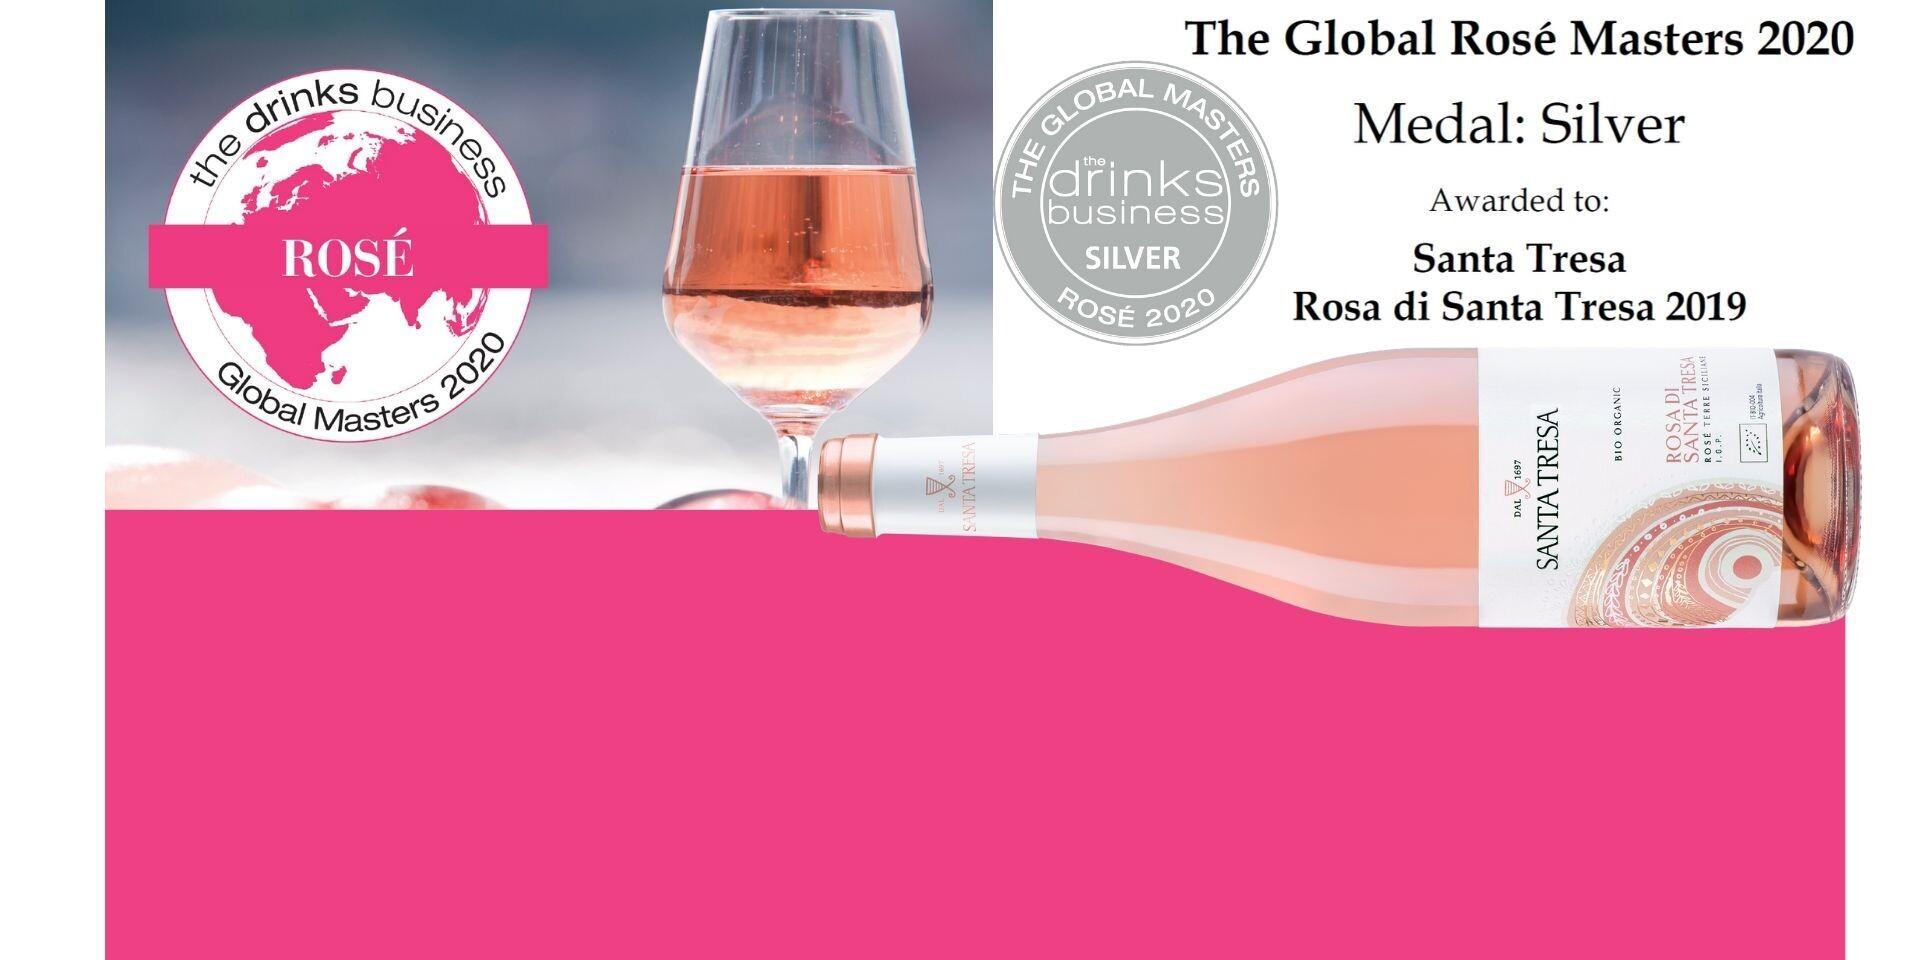 Medaglia d'Argento al concorso Rosé Masters per il nostro Rosa di Santa Tresa